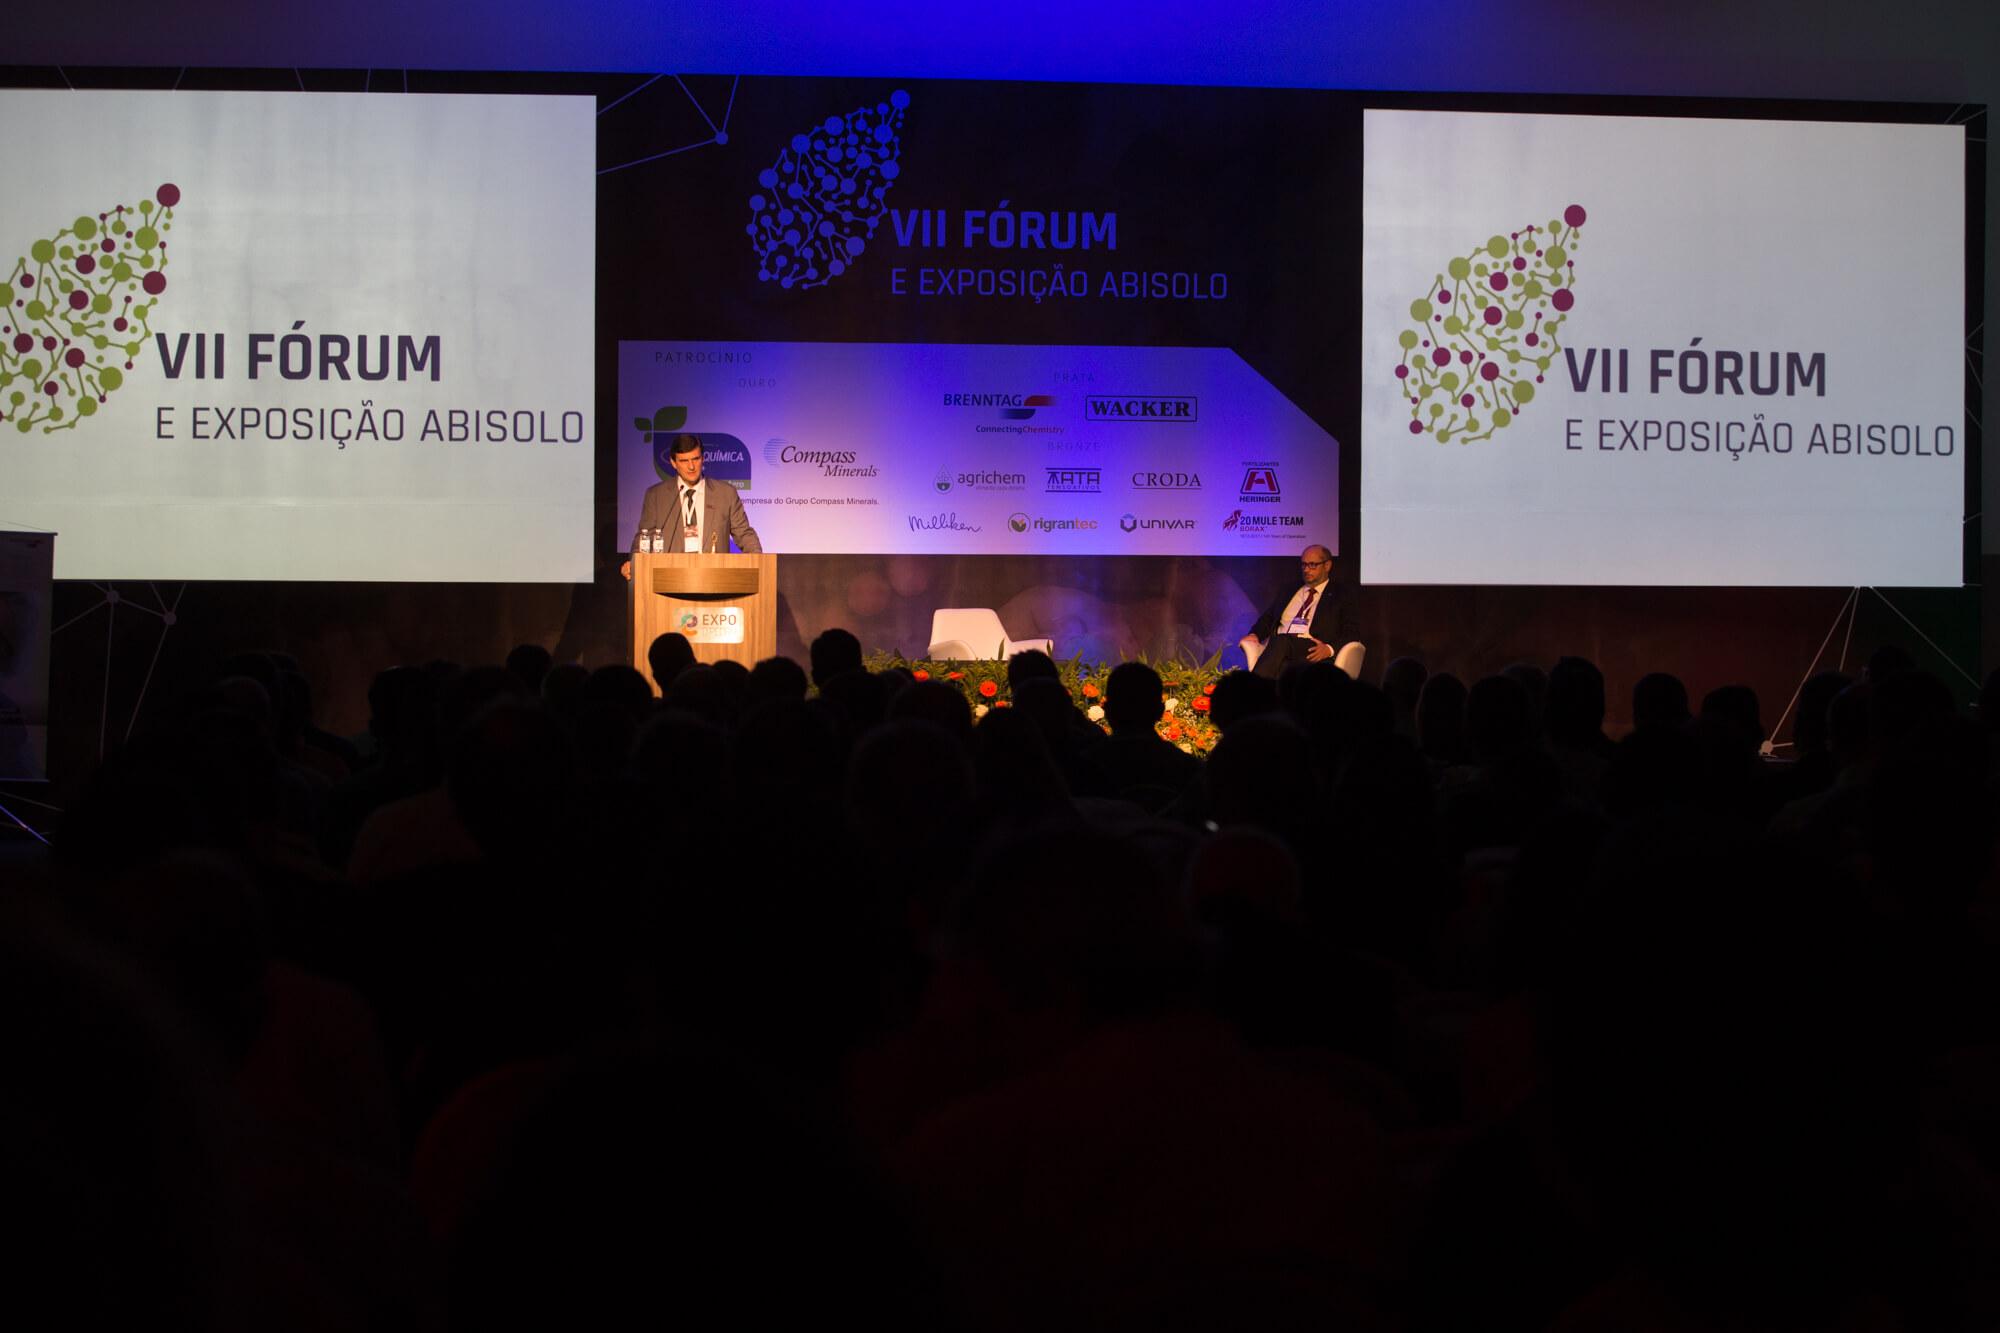 Forum ingles - ABISOLO – Associação Brasileira das Industrias de